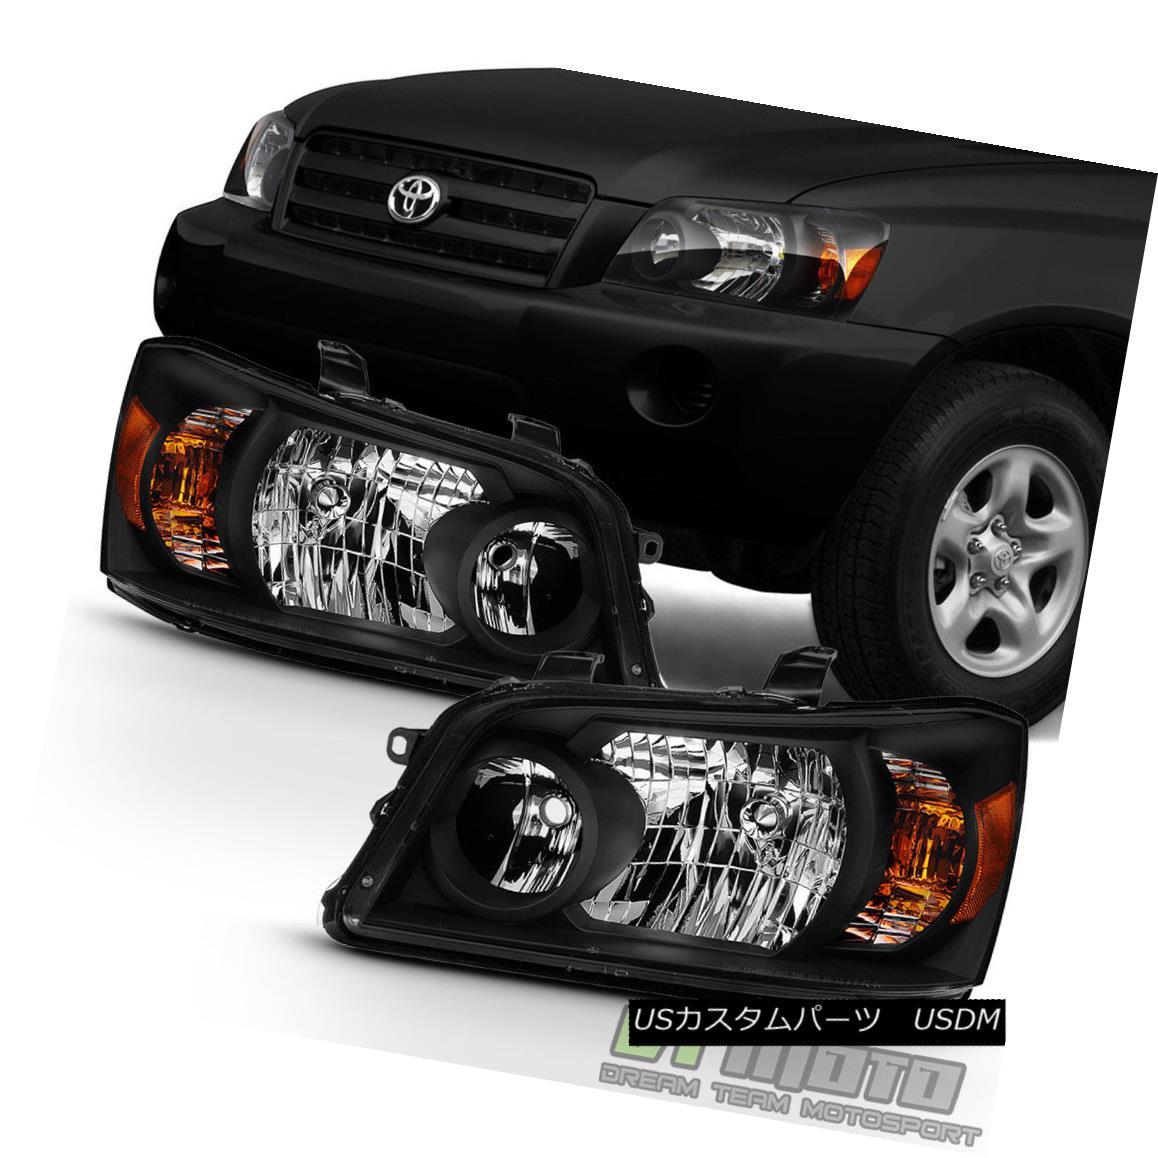 ヘッドライト [Black Housing] 2004 2005 2006 Toyota Highlander Headlights Headlamps Left+Right [ブラックハウジング] 2004 2005 2006トヨタハイランダーヘッドライトヘッドランプ左+右